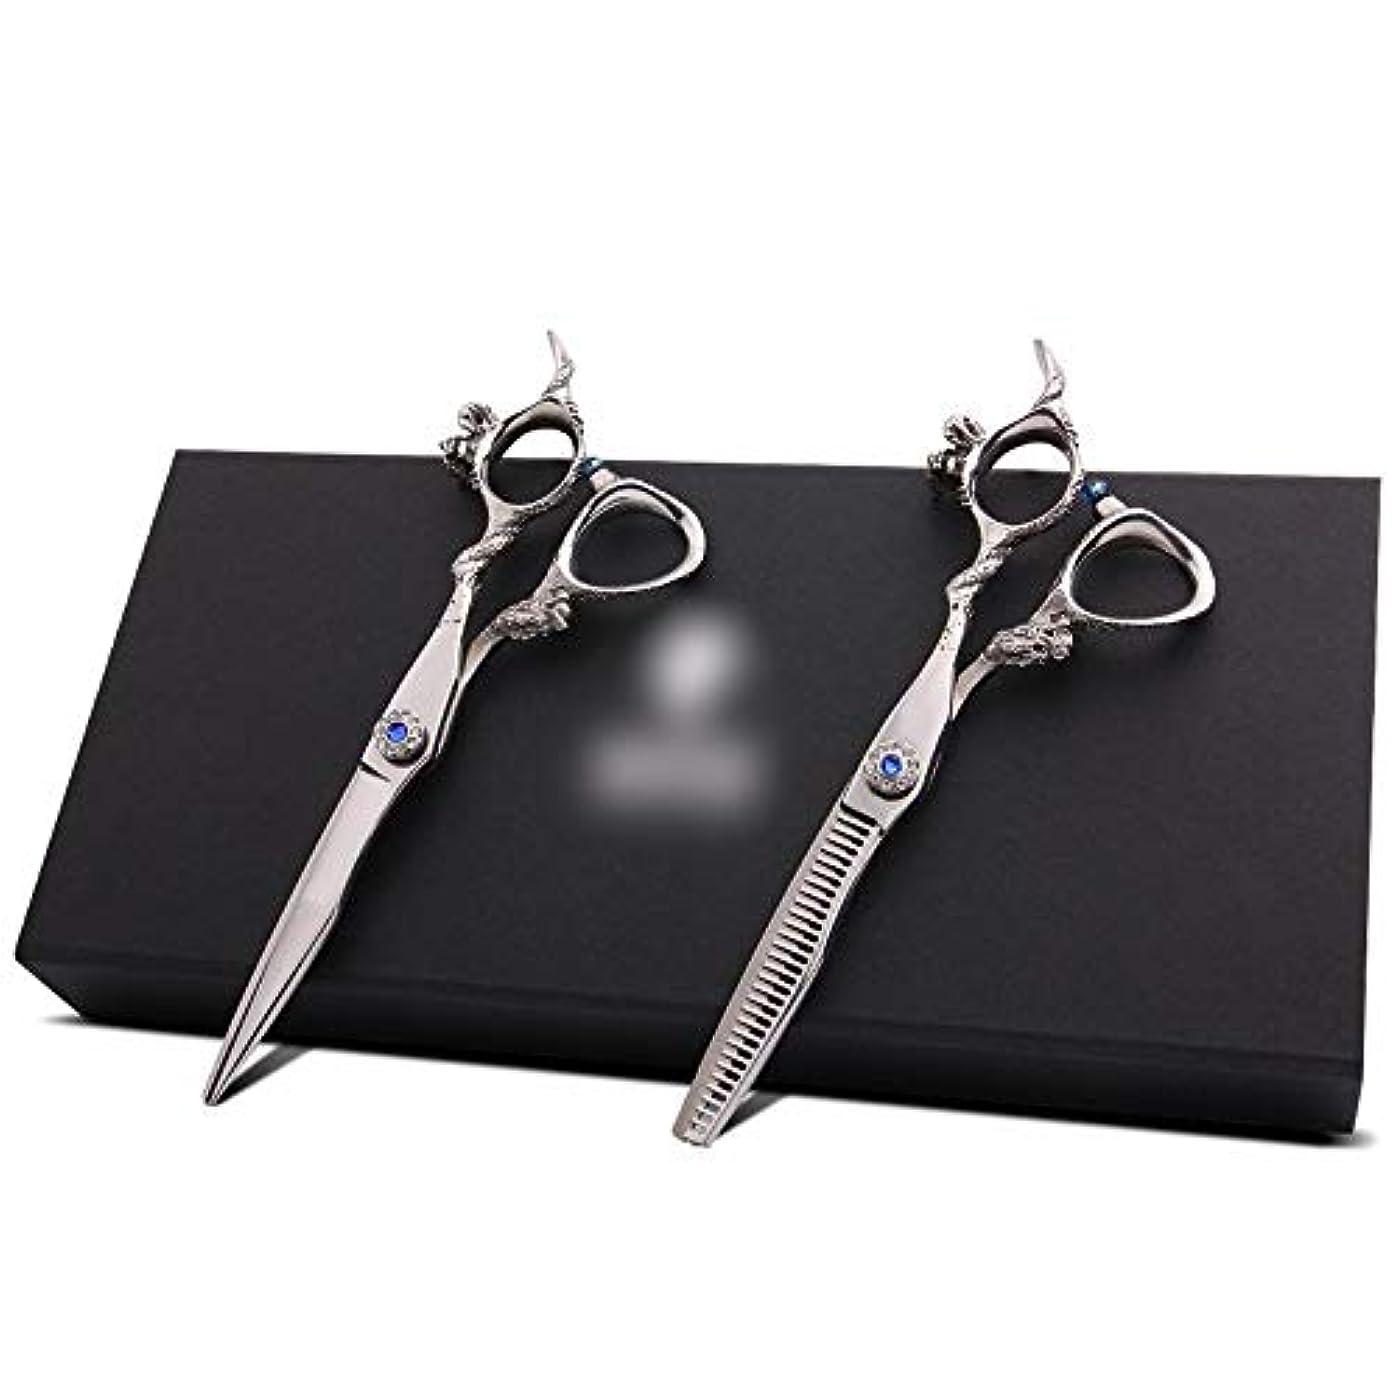 給料急勾配のアジテーションGoodsok-jp ブルーダイヤモンド6インチ理髪はさみセット、前髪カットフラット歯はさみ散髪セット (色 : Silver)